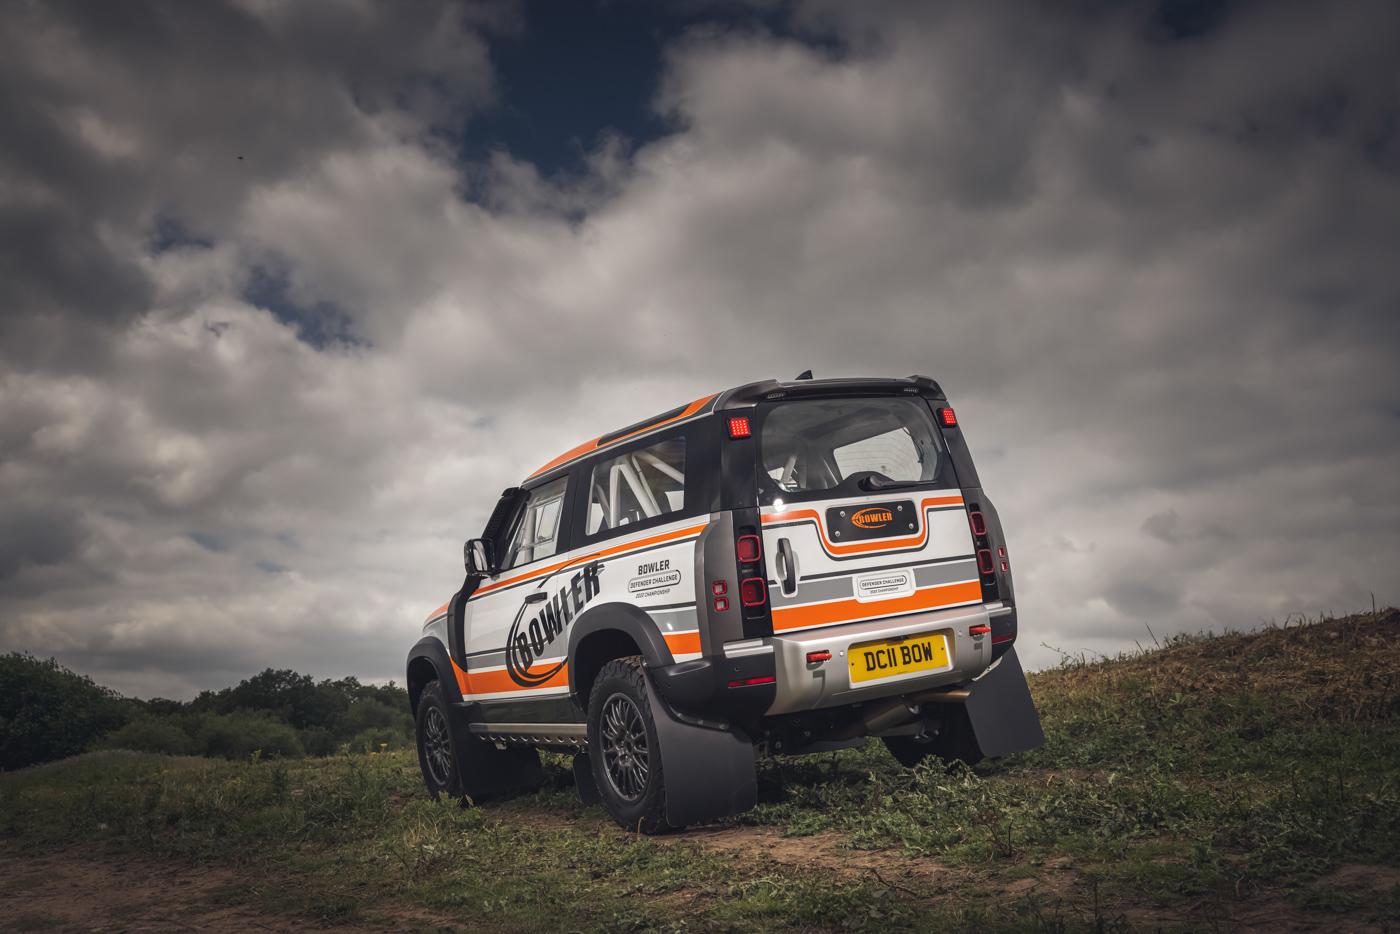 Land-Rover-hợp-tác-cùng-Bowler-ra-mắt-phiên-bản-đua-địa-hình-của-Defender-32.jpg